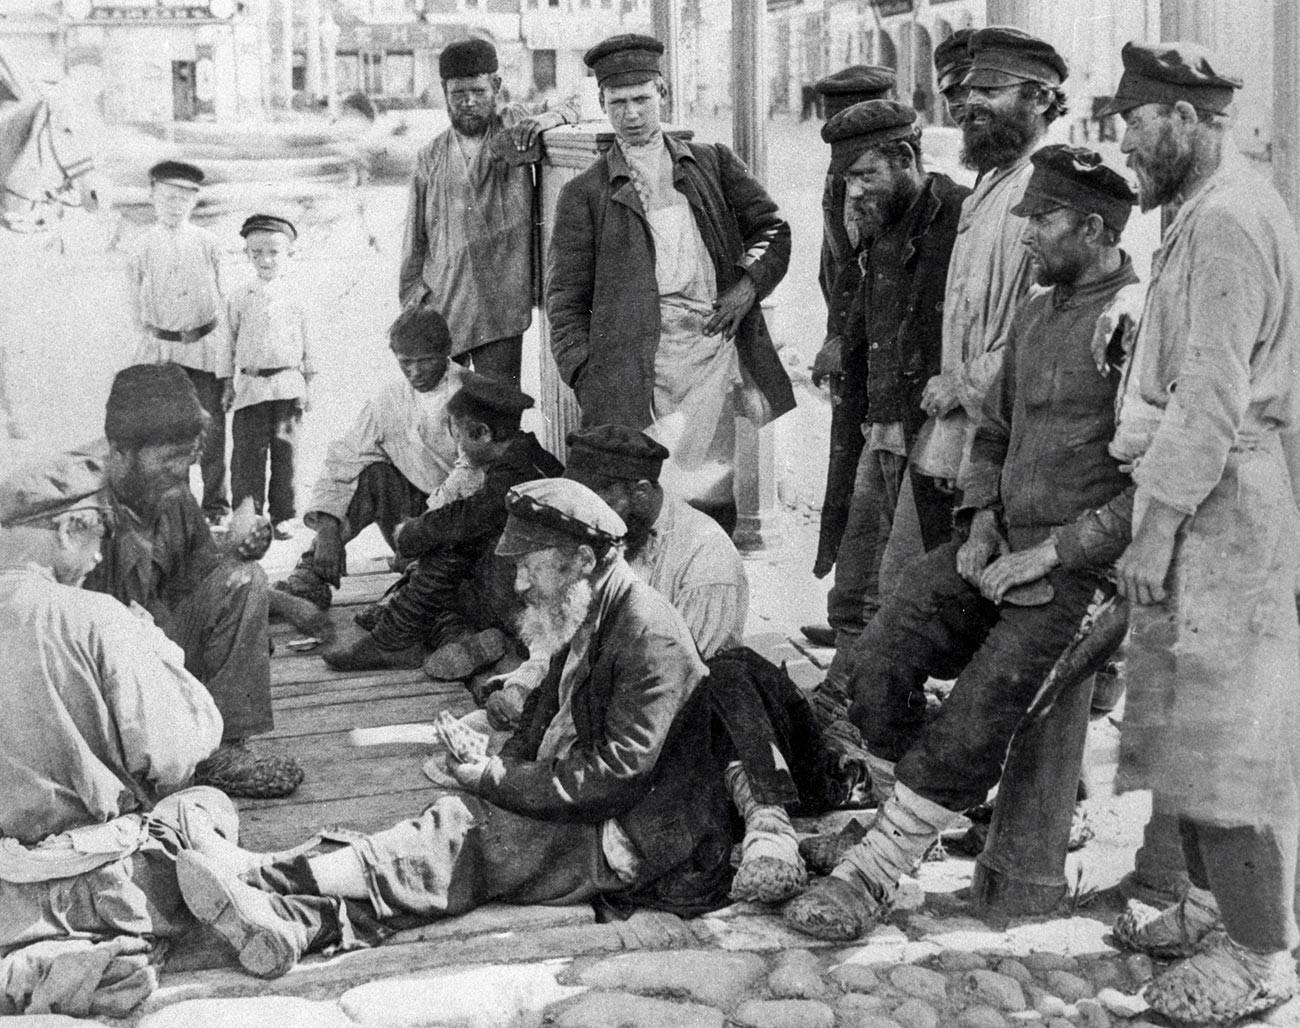 Des vagabonds jouant aux cartes dans la rue, fin du XIXe siècle